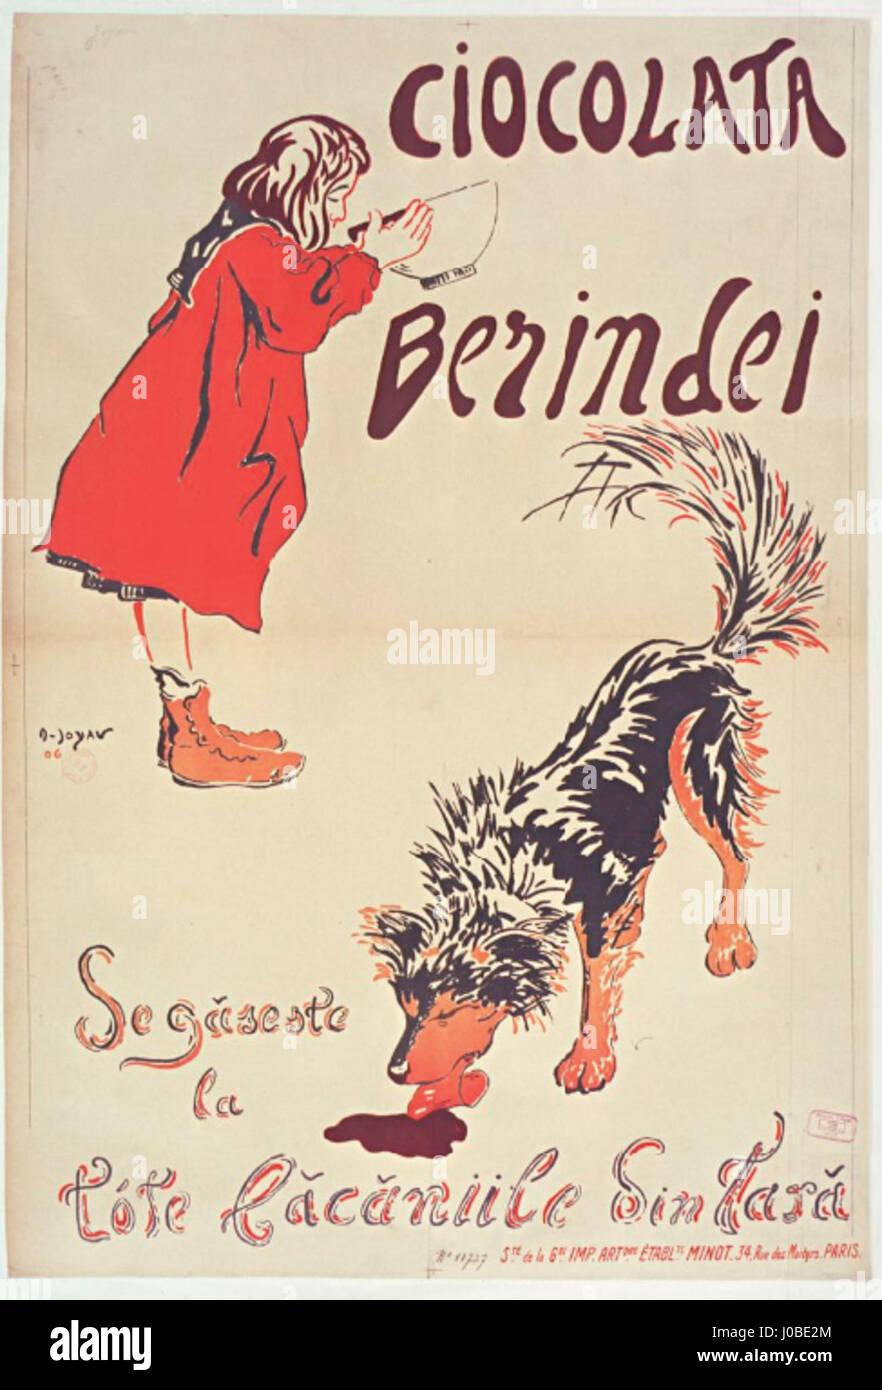 Ciocolata Berindei Amédée Joyau de l'affiche Banque D'Images